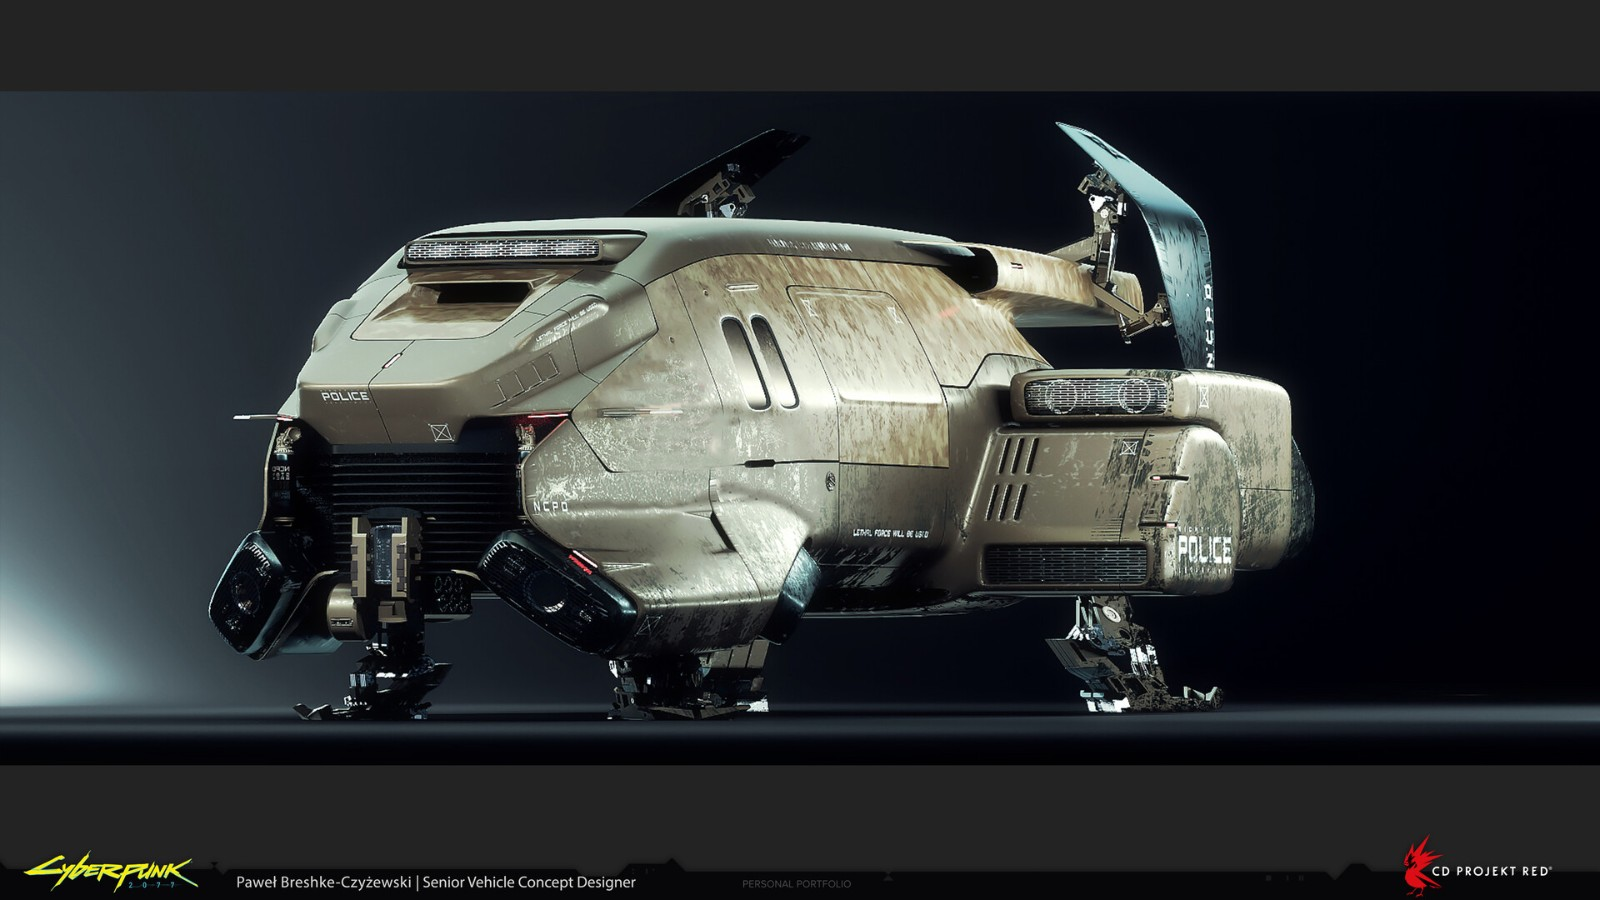 《赛博朋克2077》新概念图 展示未曾出现的军用飞行器